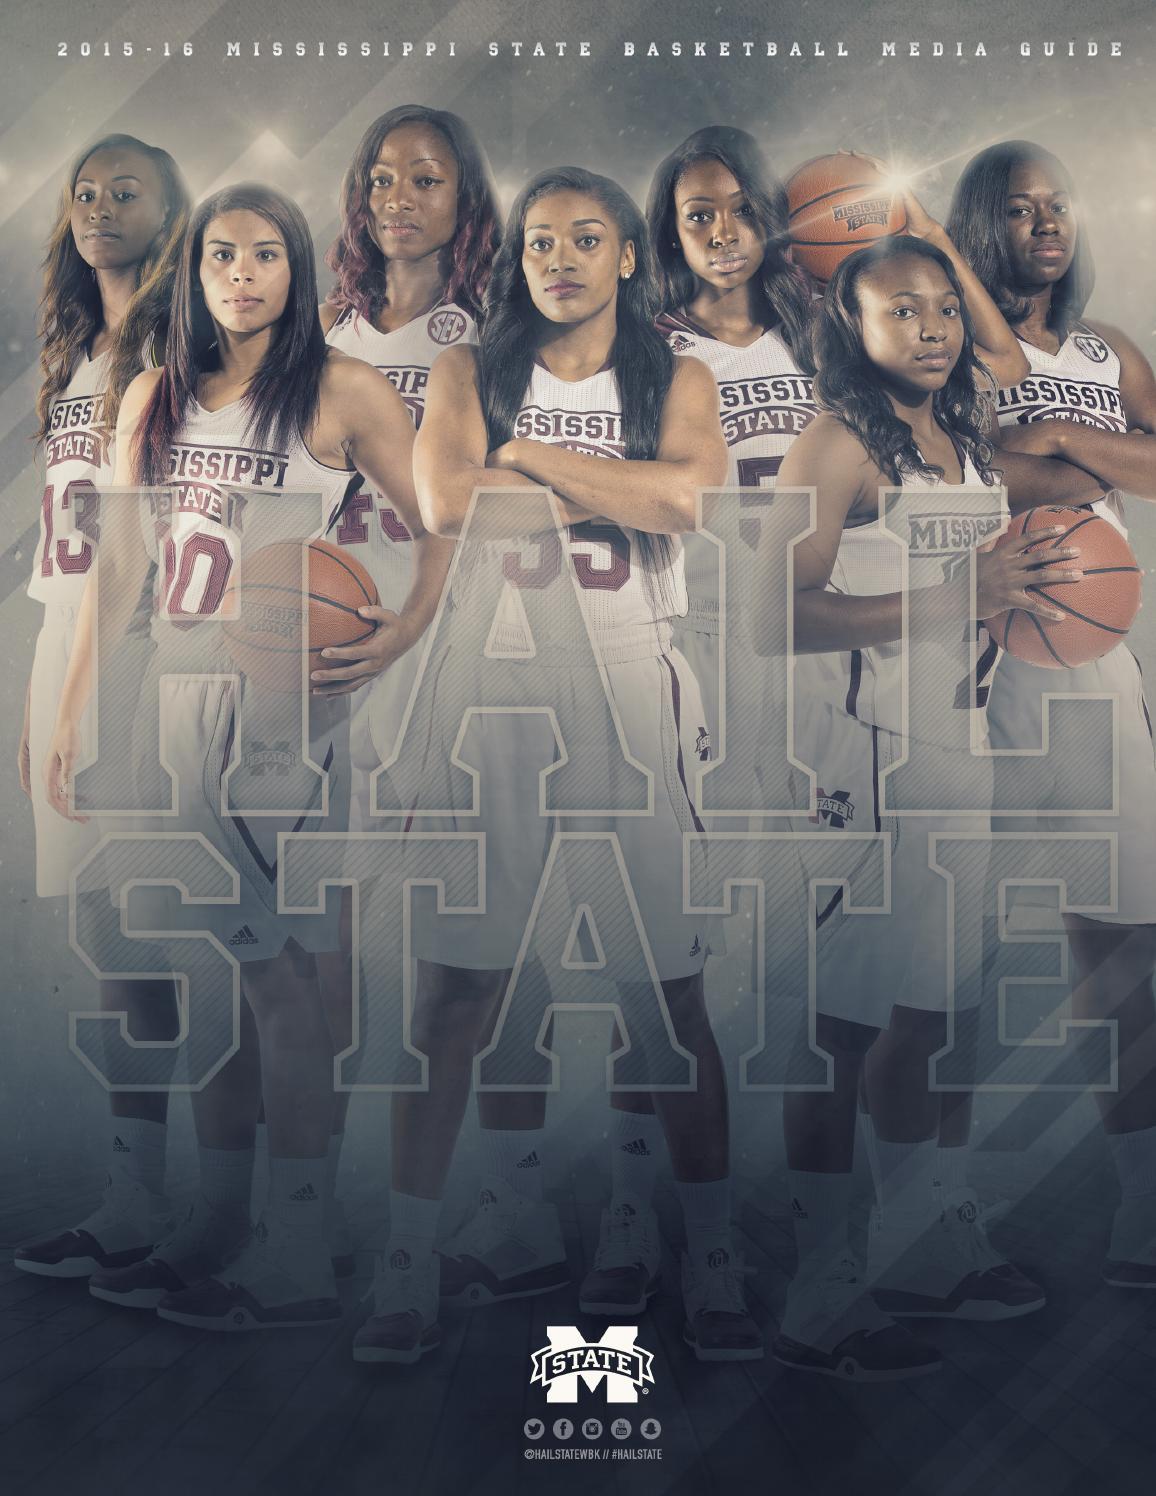 2015-16 Mississippi State Women's Basketball Media Guide ...